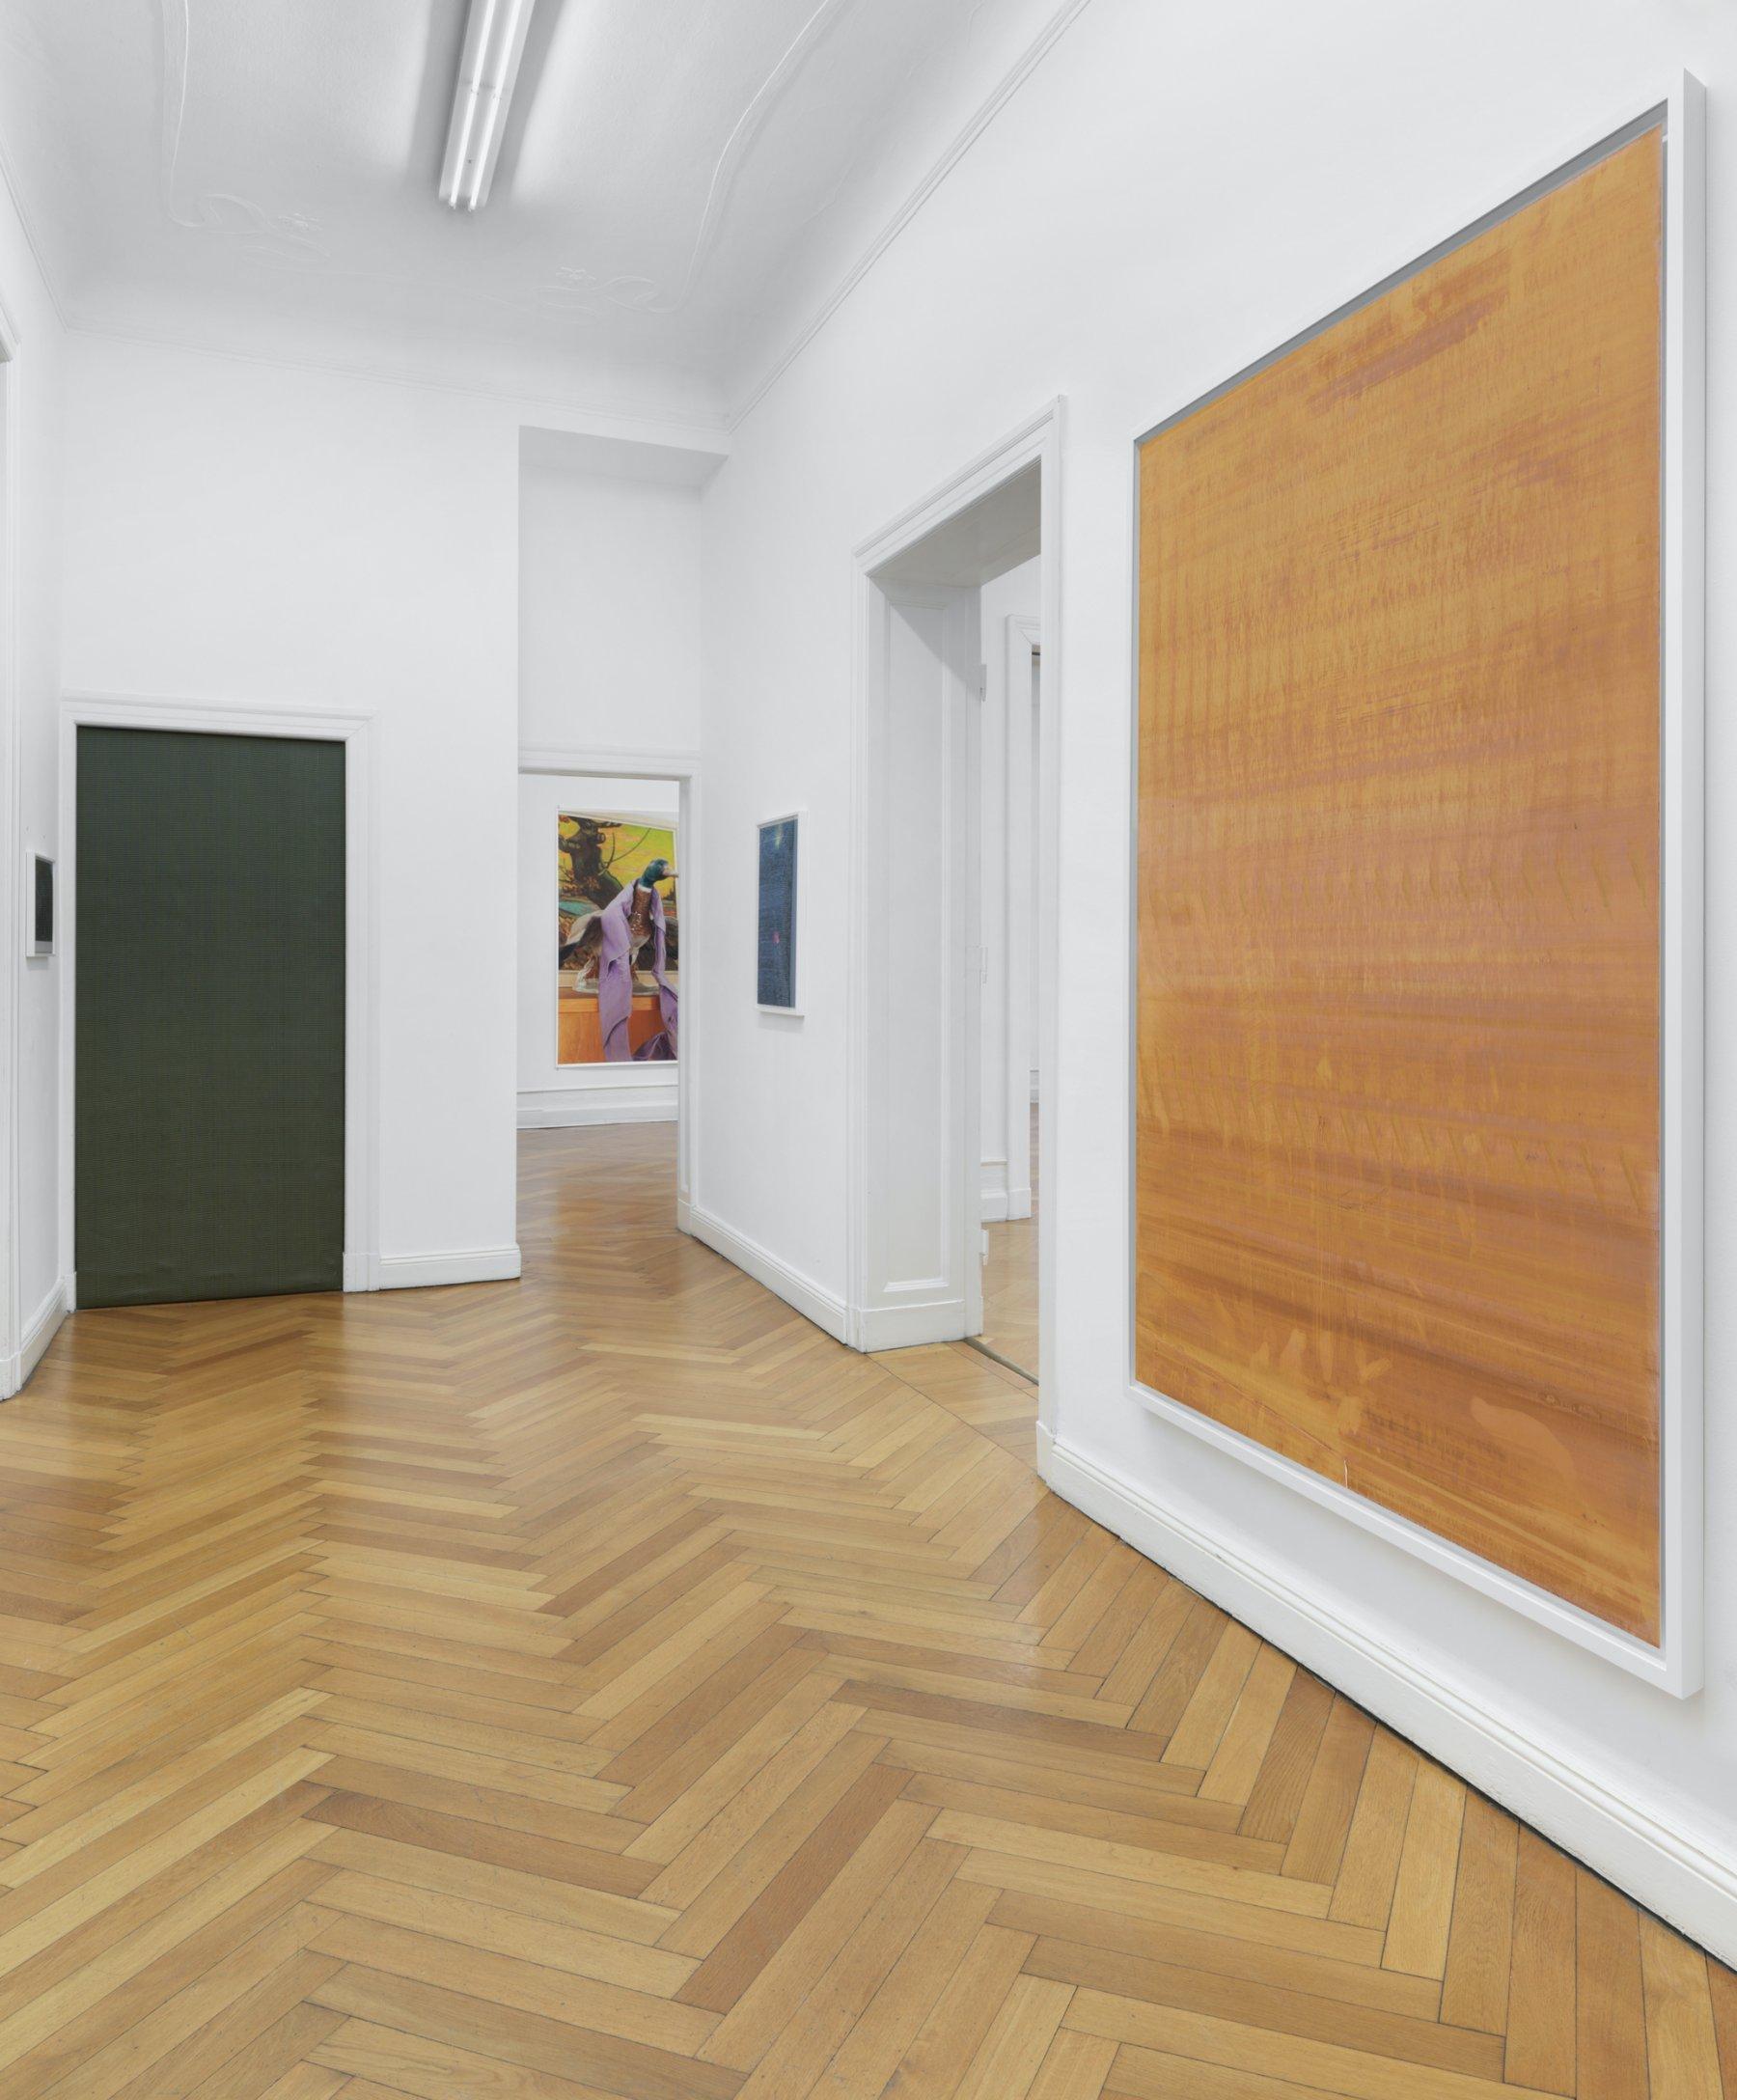 Galerie Buchholz Berlin Wolfgang Tillmans 1